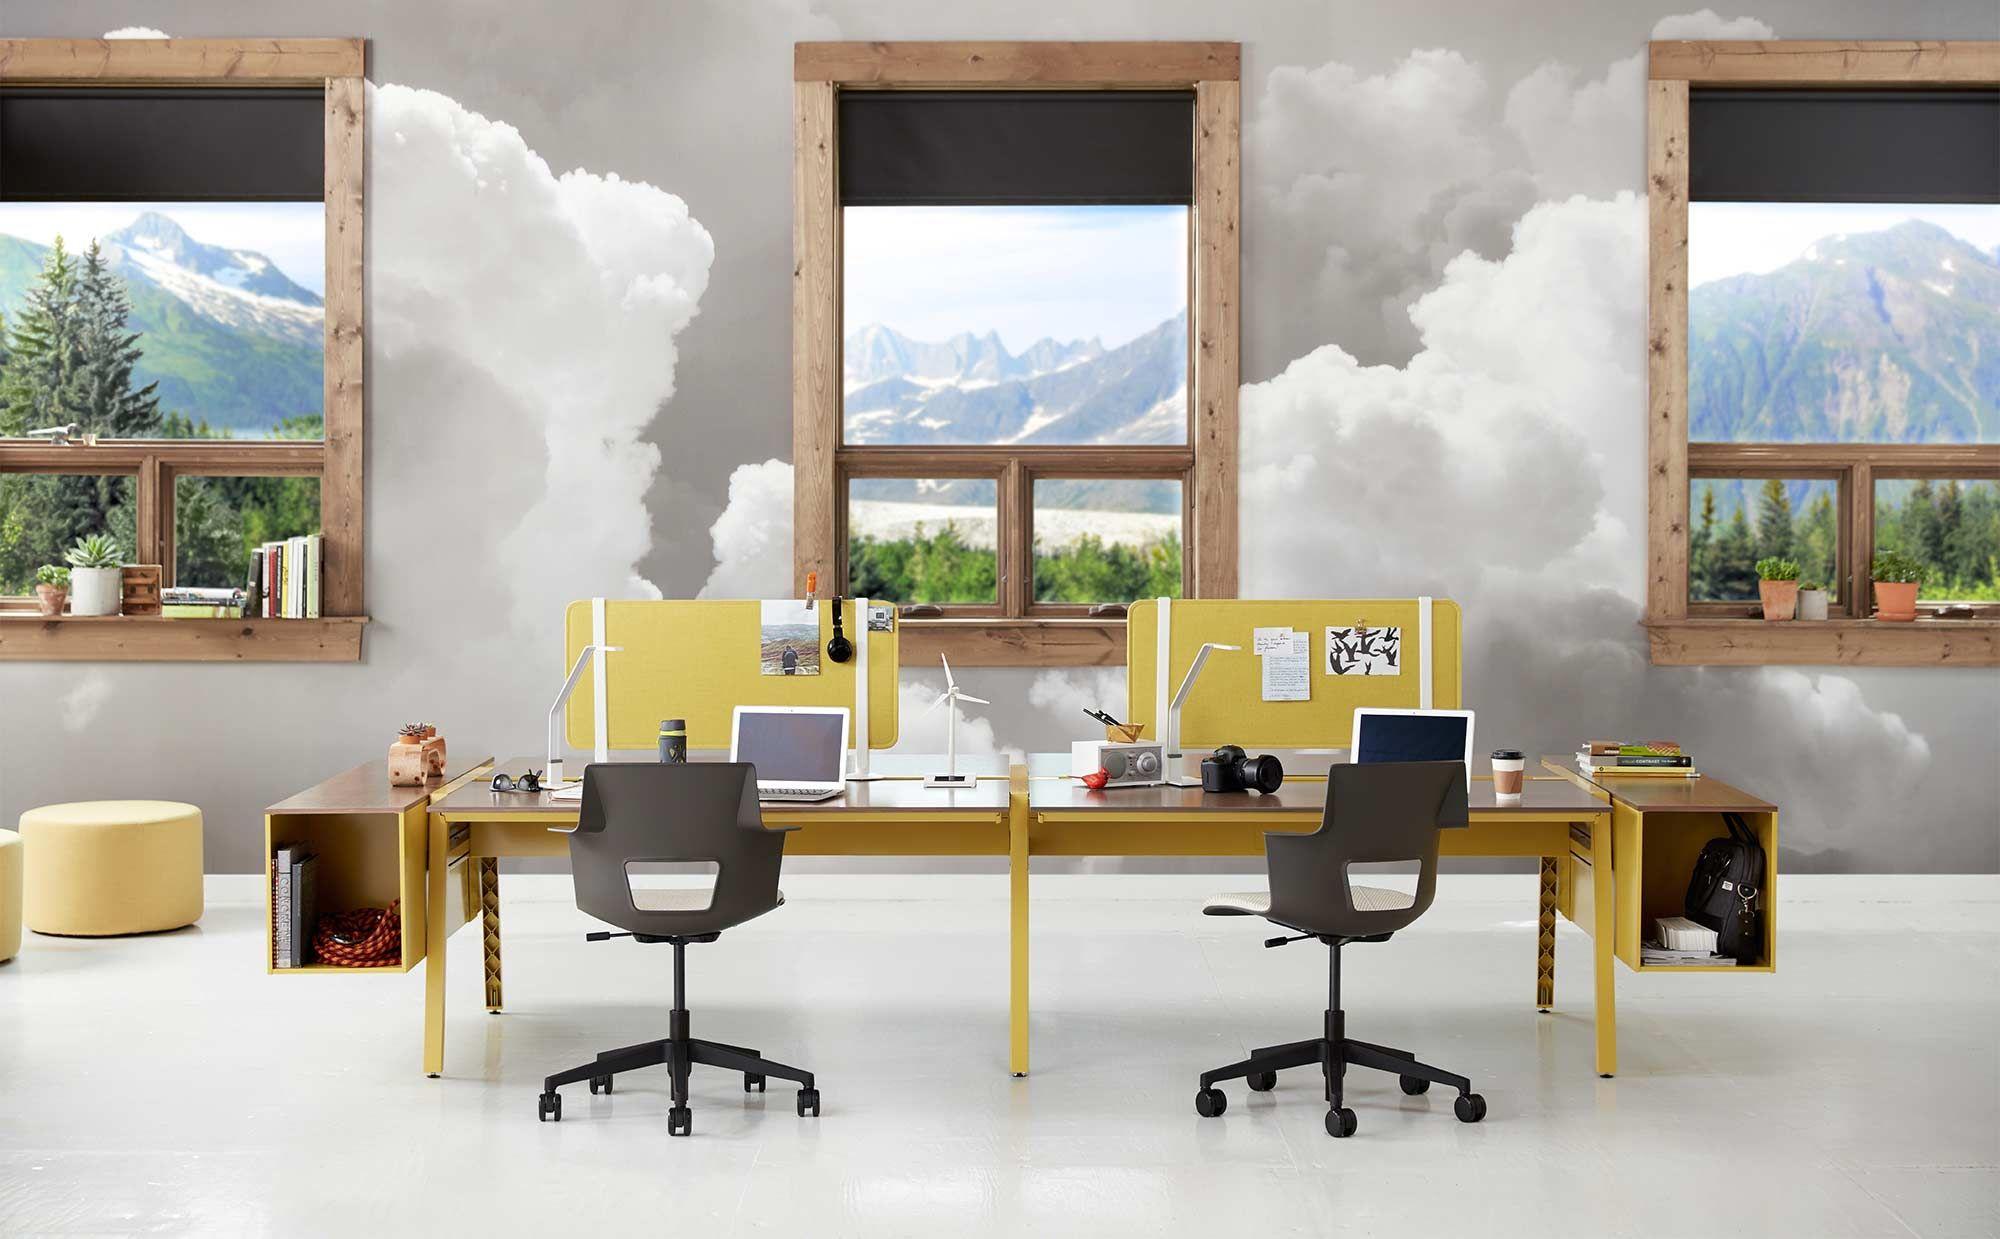 Bivi Modular Office Desk System Features | Turnstone